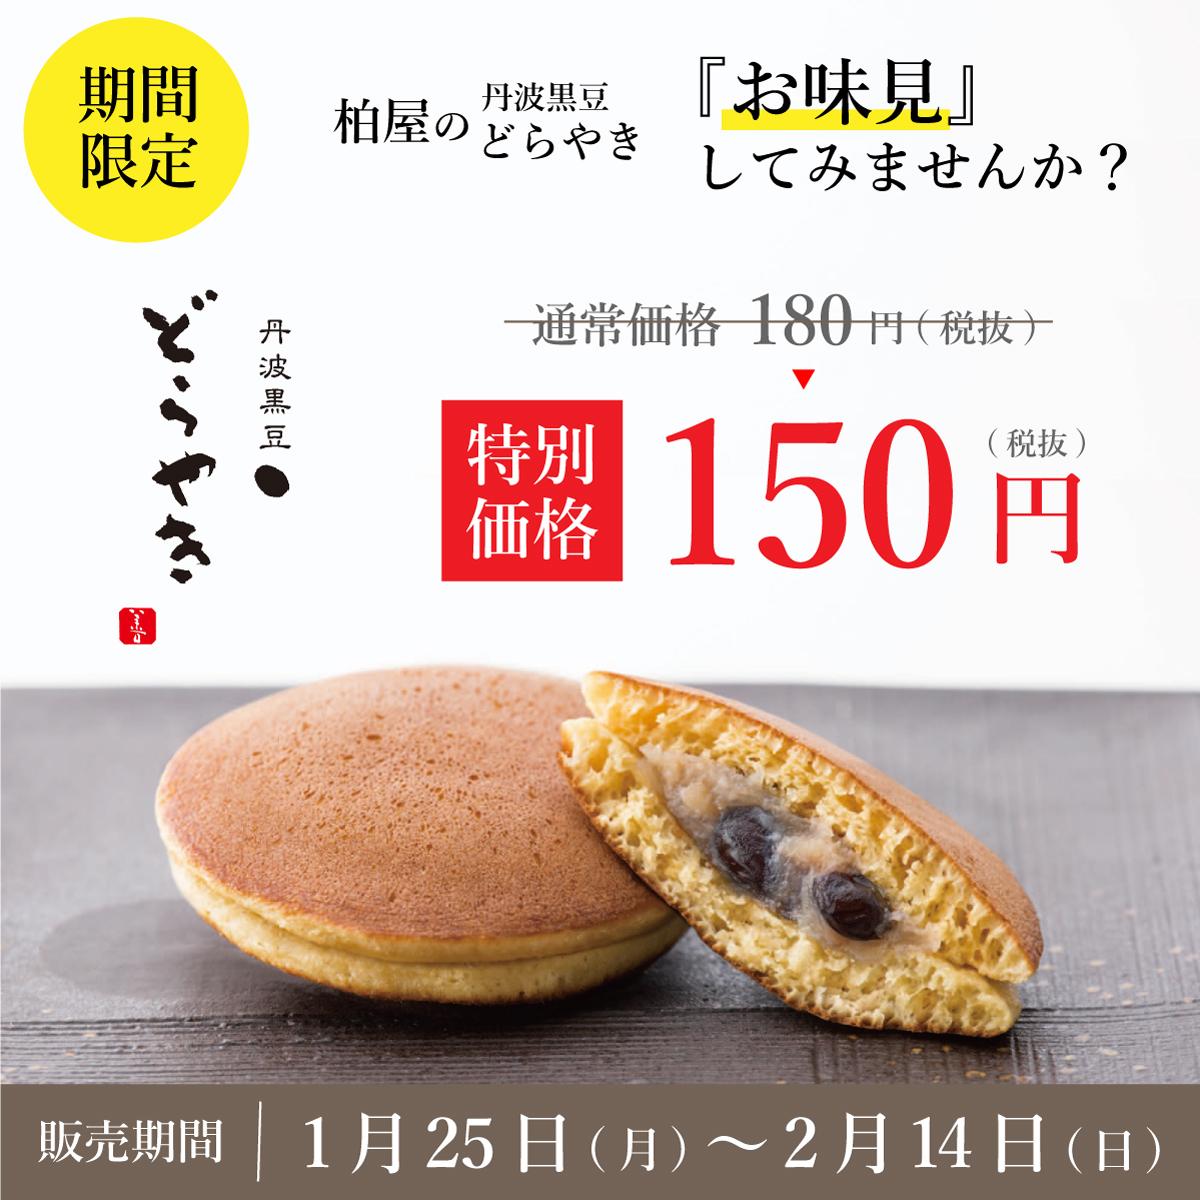 丹波黒豆どらやき特別セール